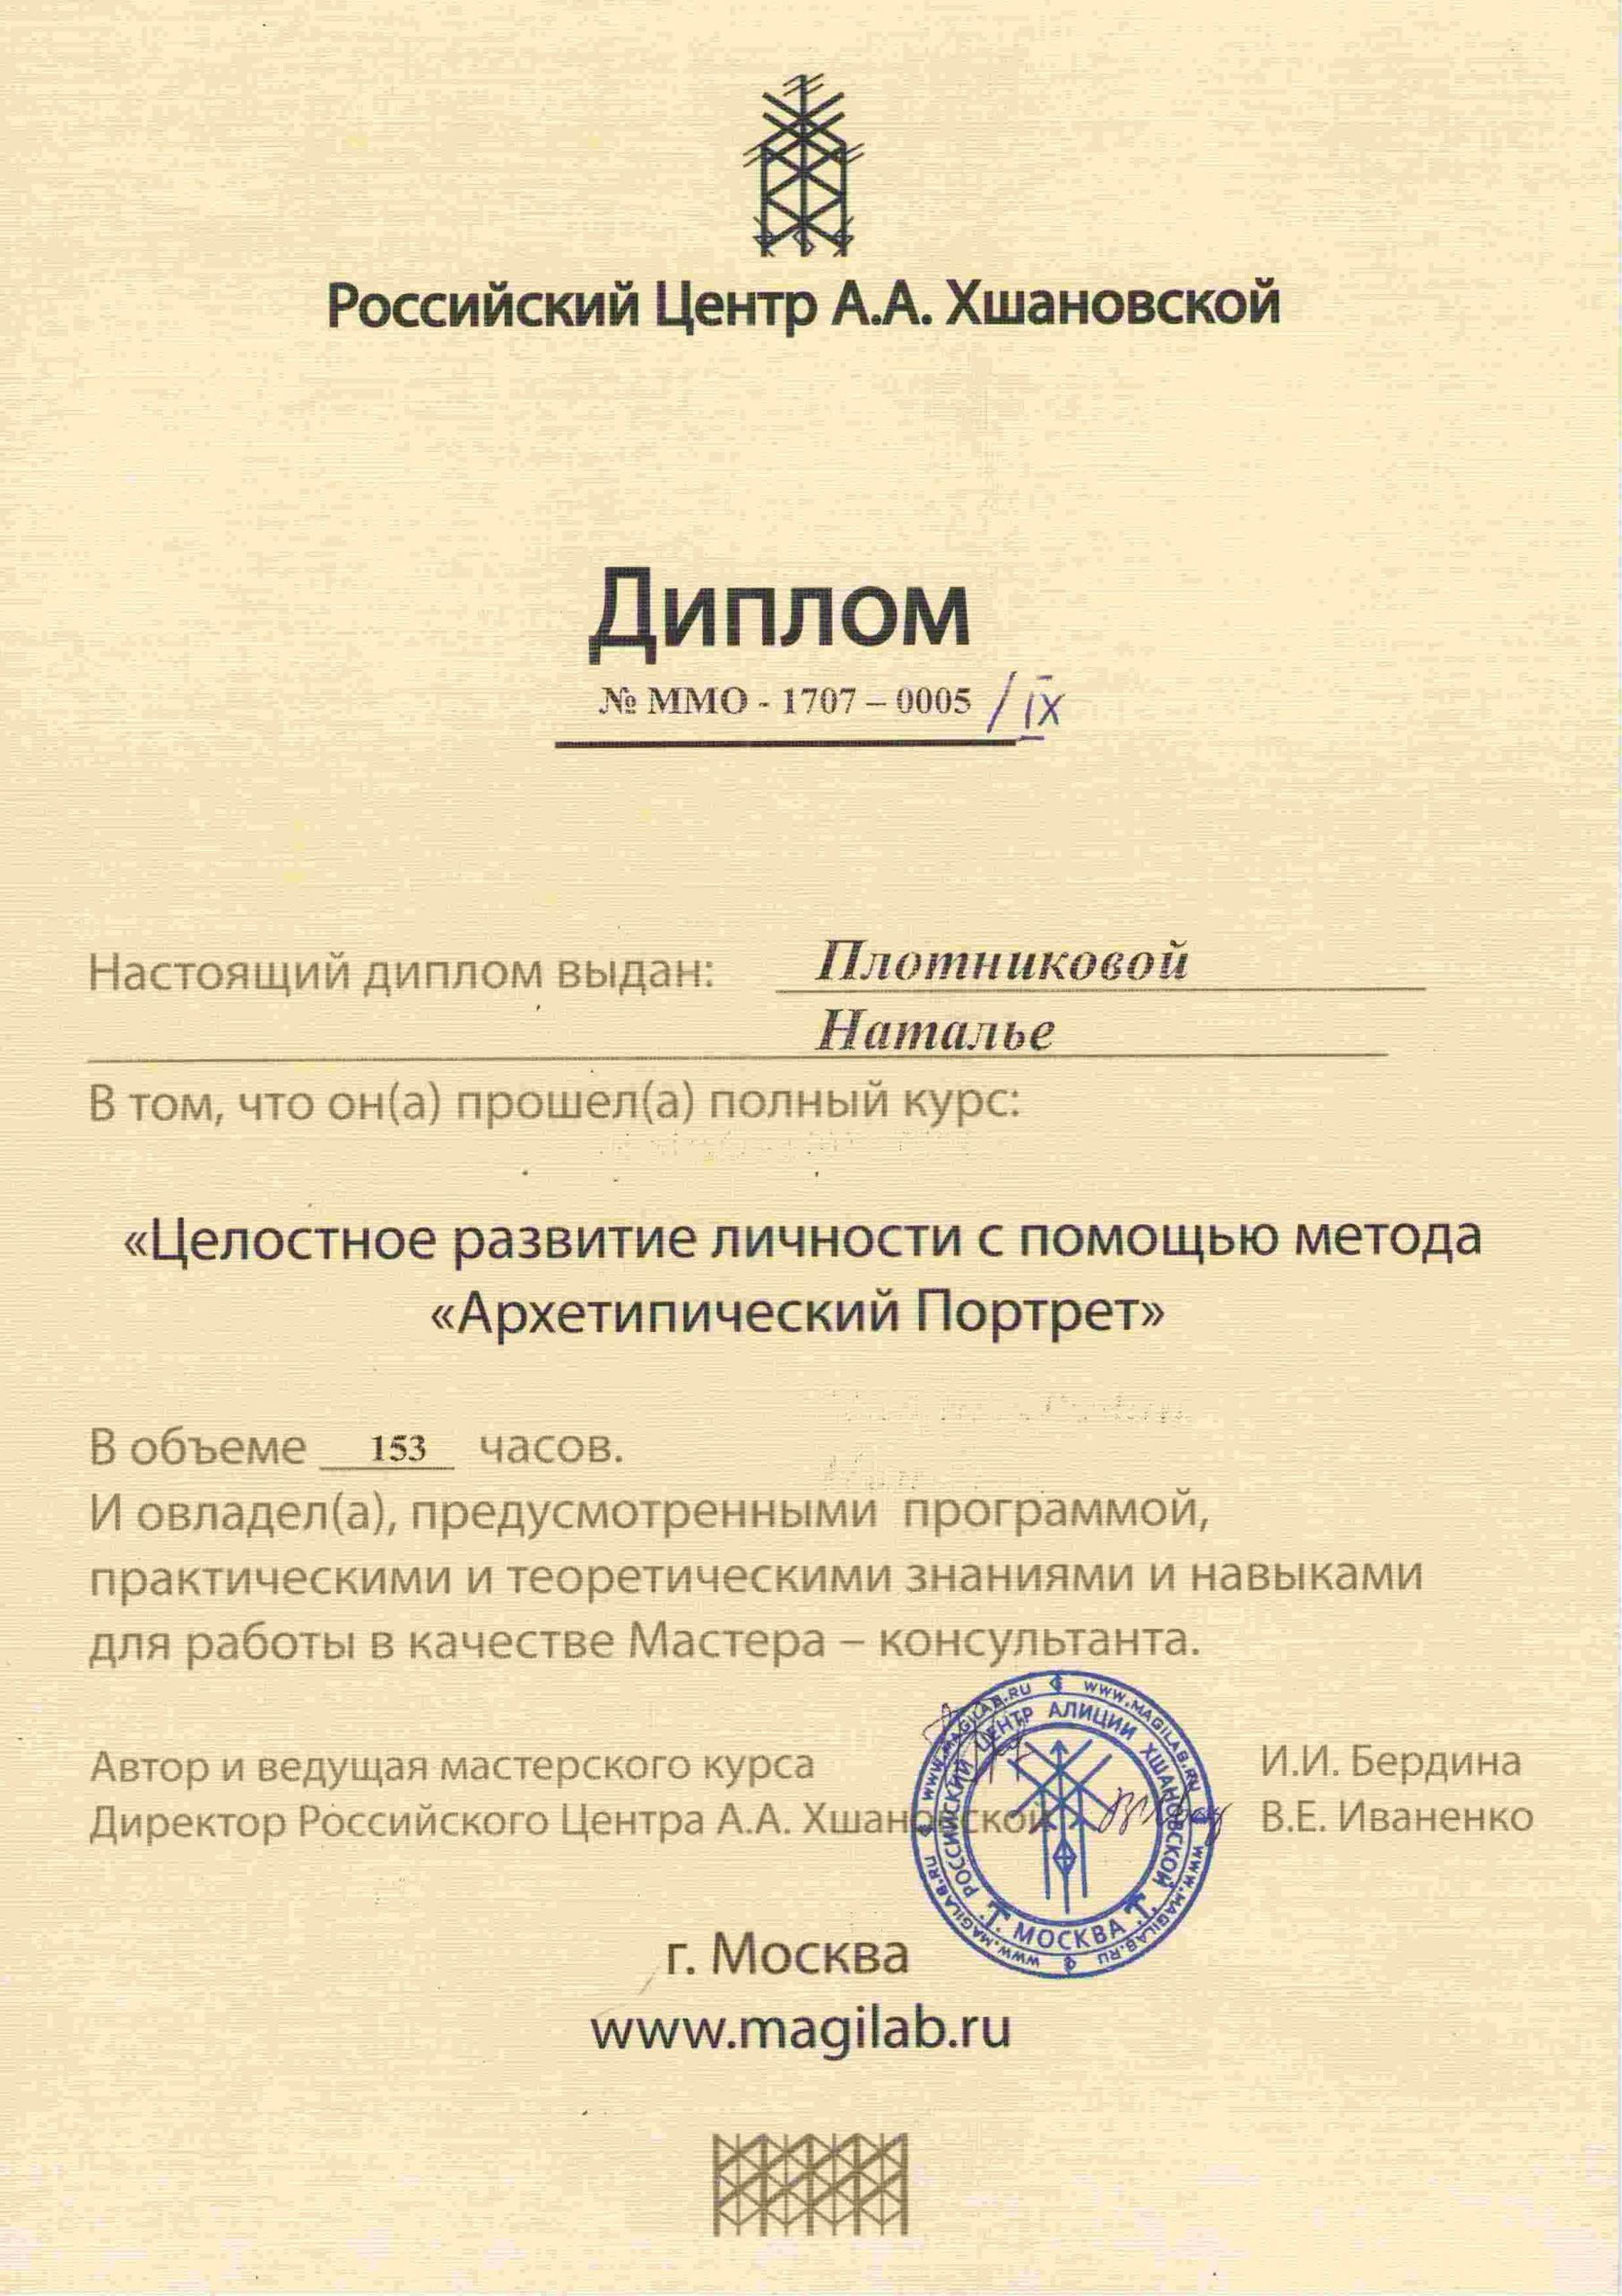 Diplom-006